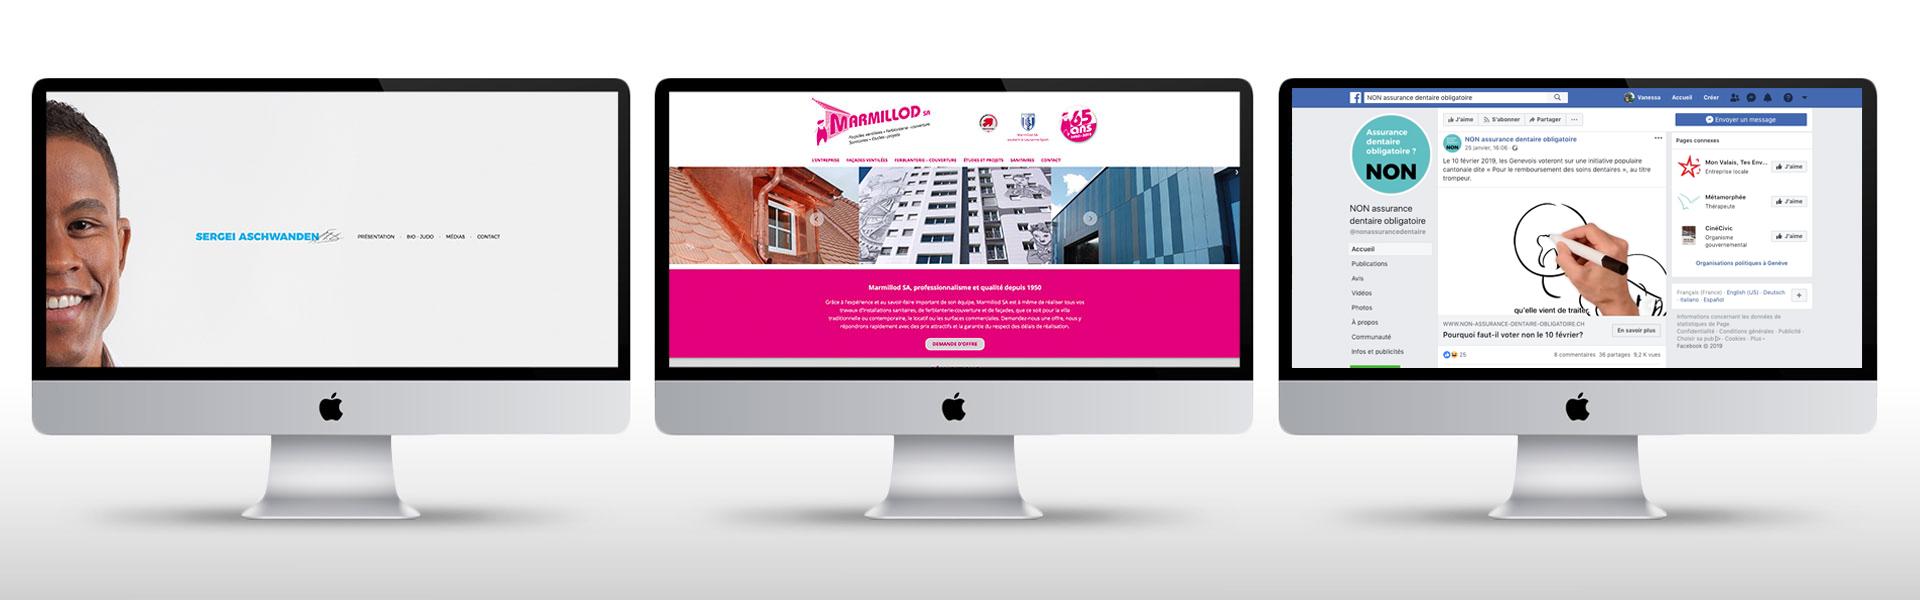 Pulsion, agence de publicité, Vevey, Montreux, Corseaux, Suisse Romande, site internet, graphisme